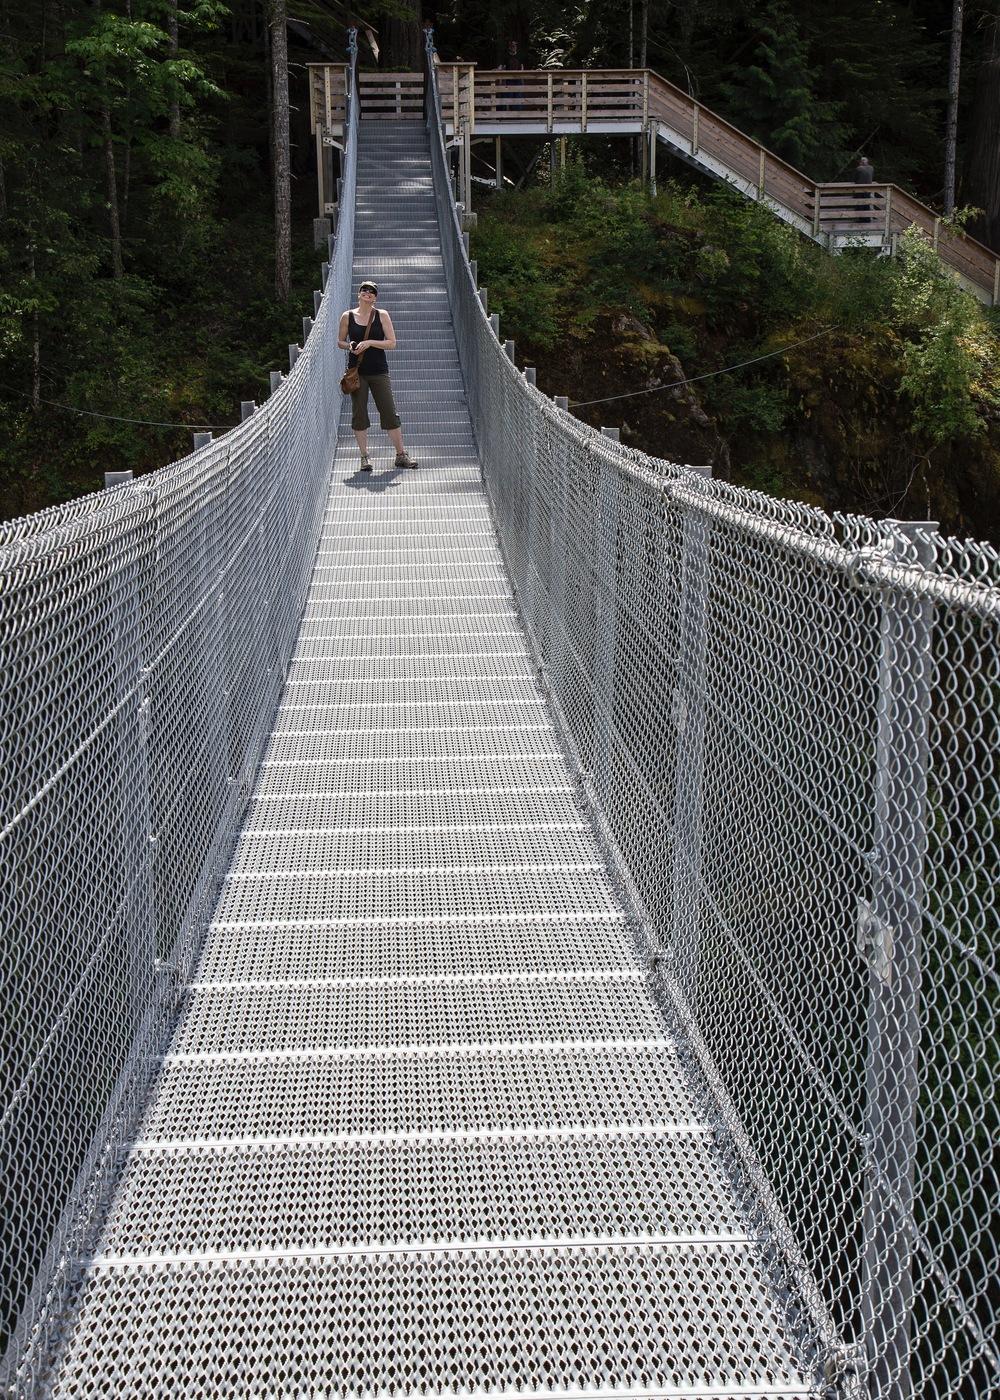 Justine on the bridge.